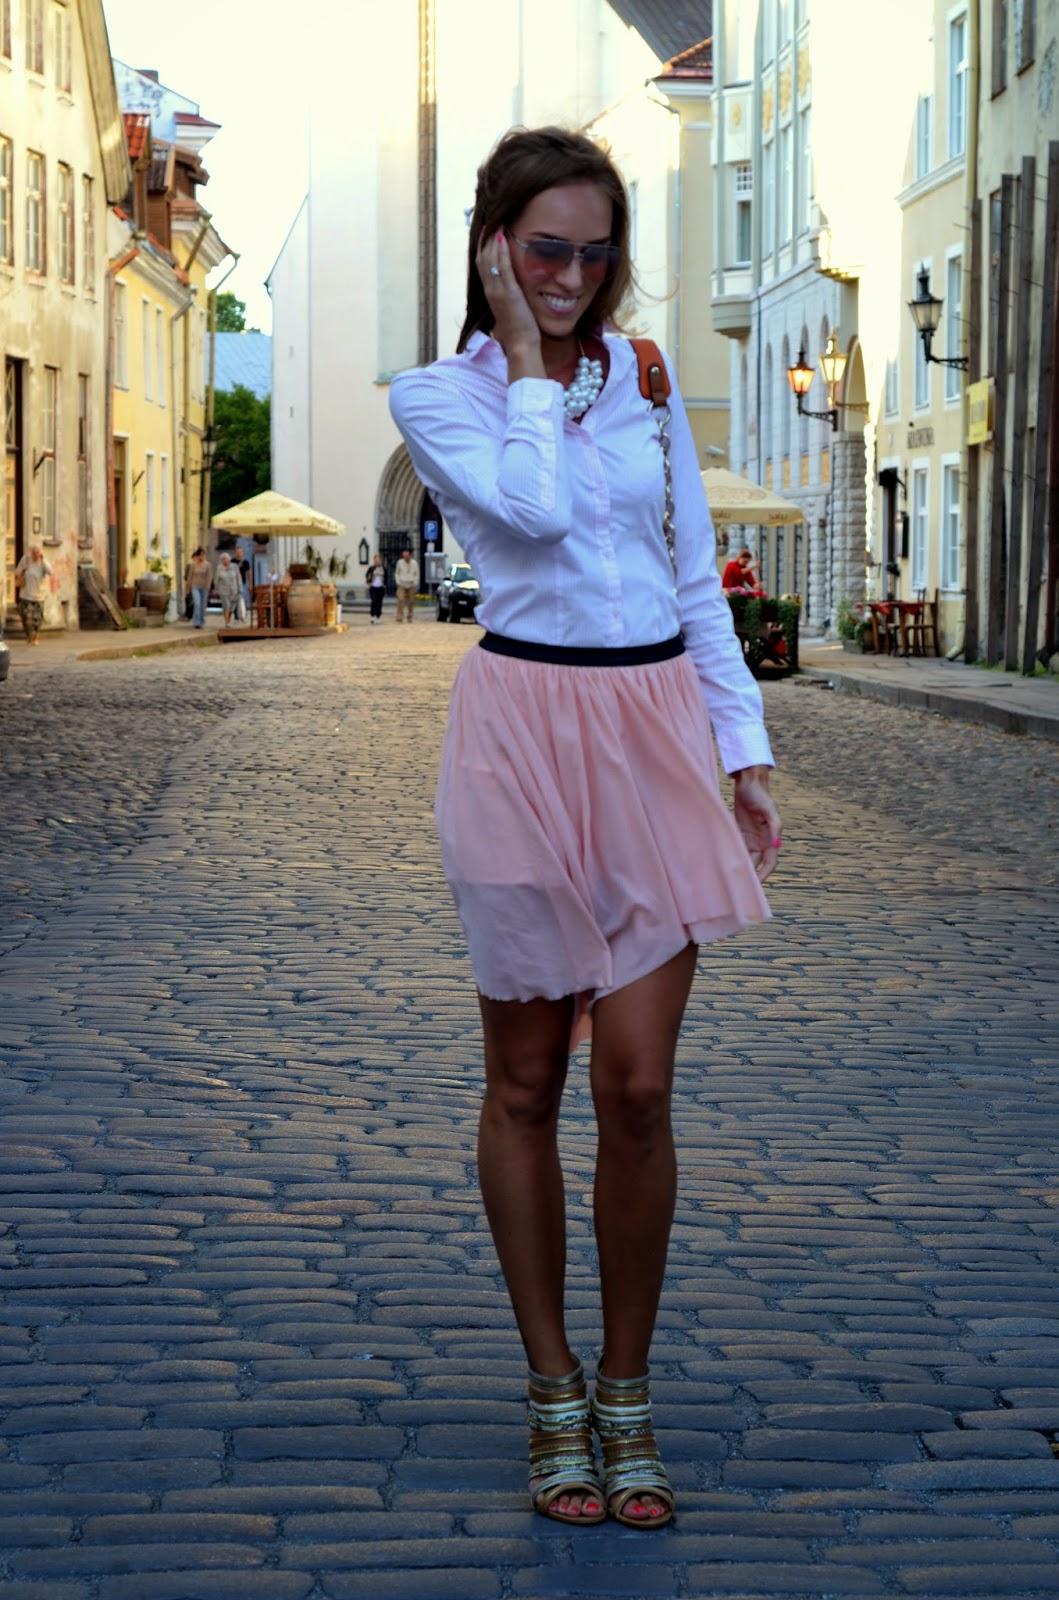 bershka pink skirt striped shirt zipper heels